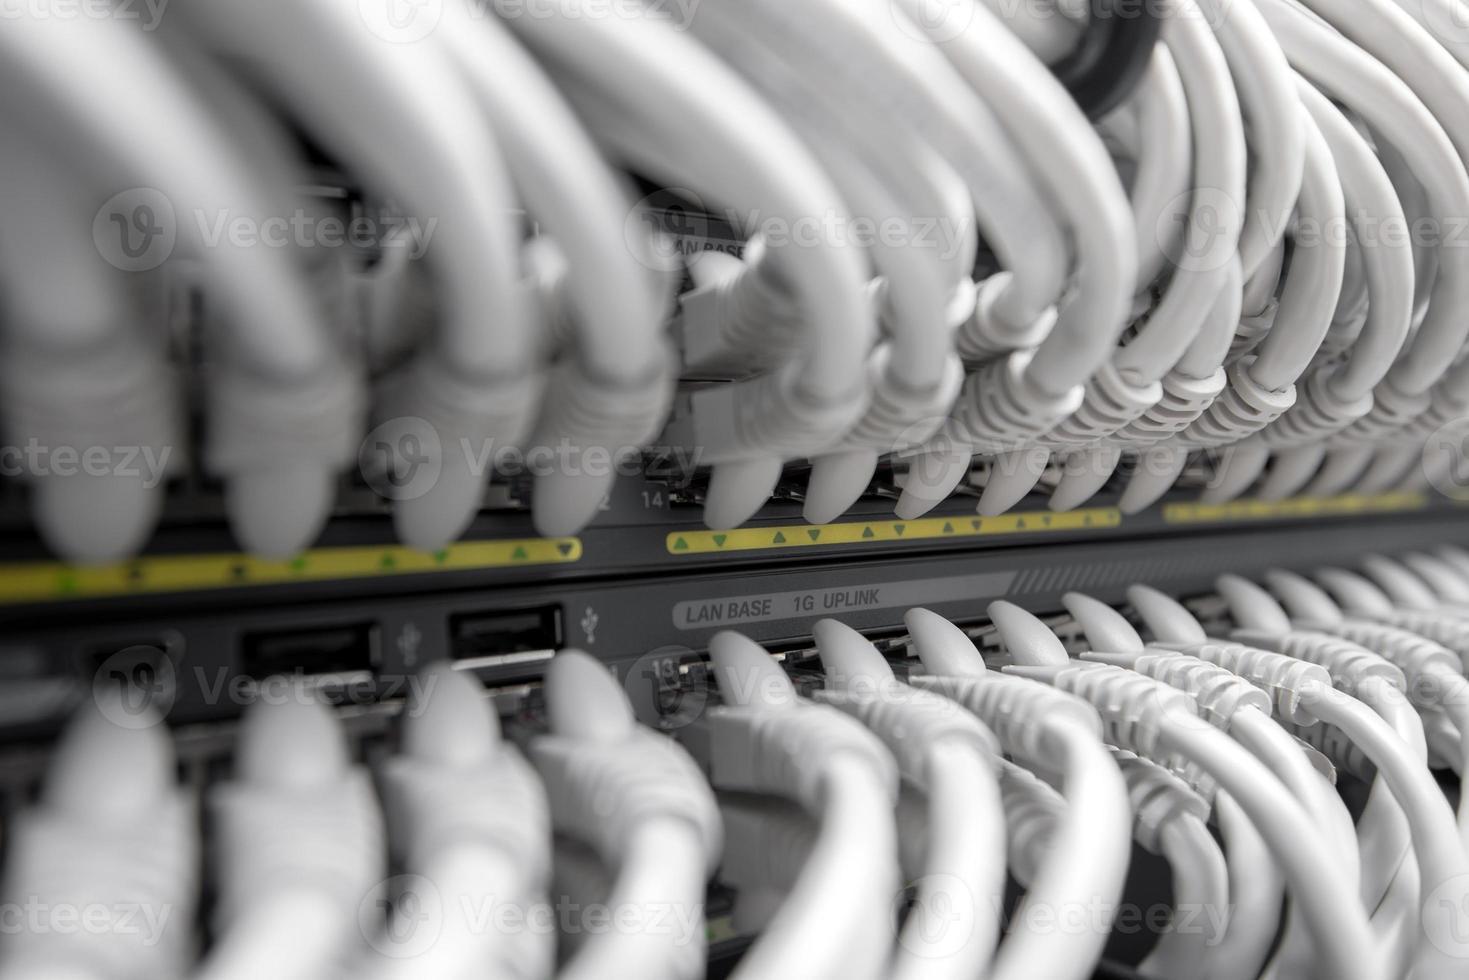 Netzwerk-Gigabit-Smart-Switch mit angeschlossenen Kabeln foto